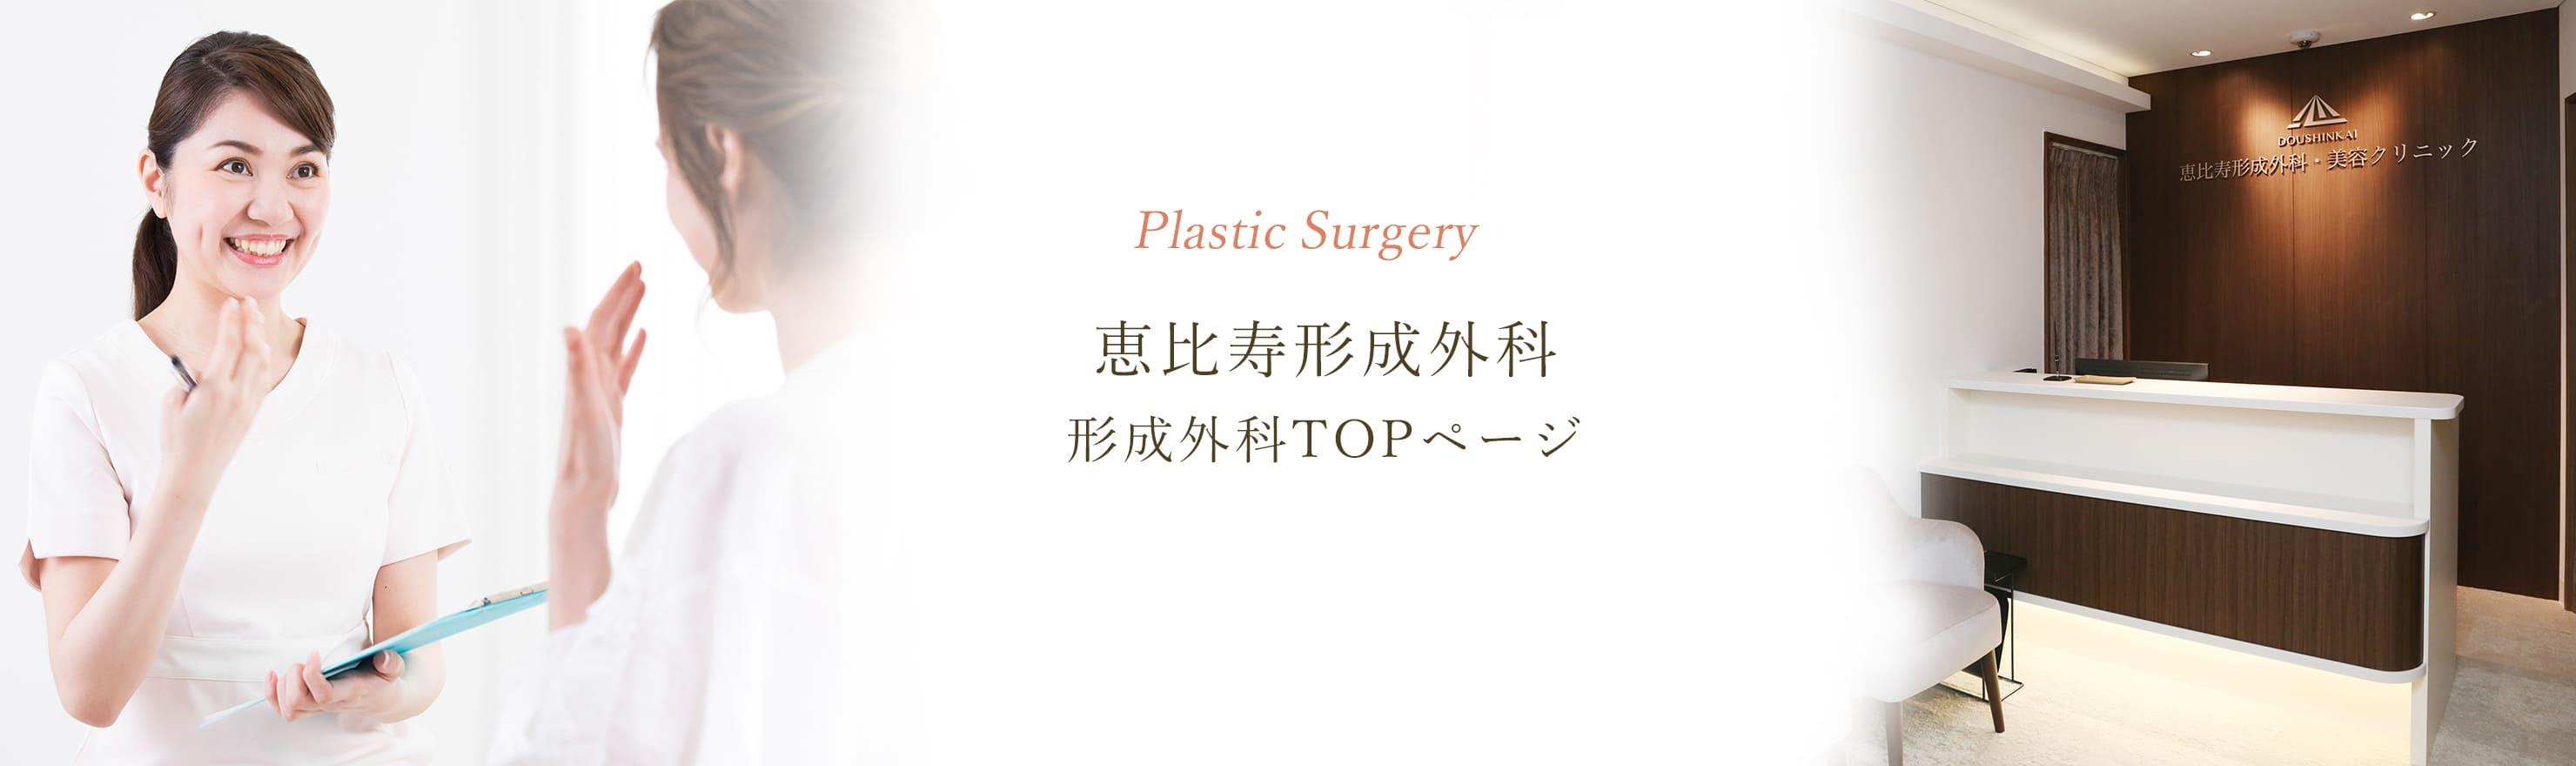 恵比寿形成外科 形成外科TOPページ